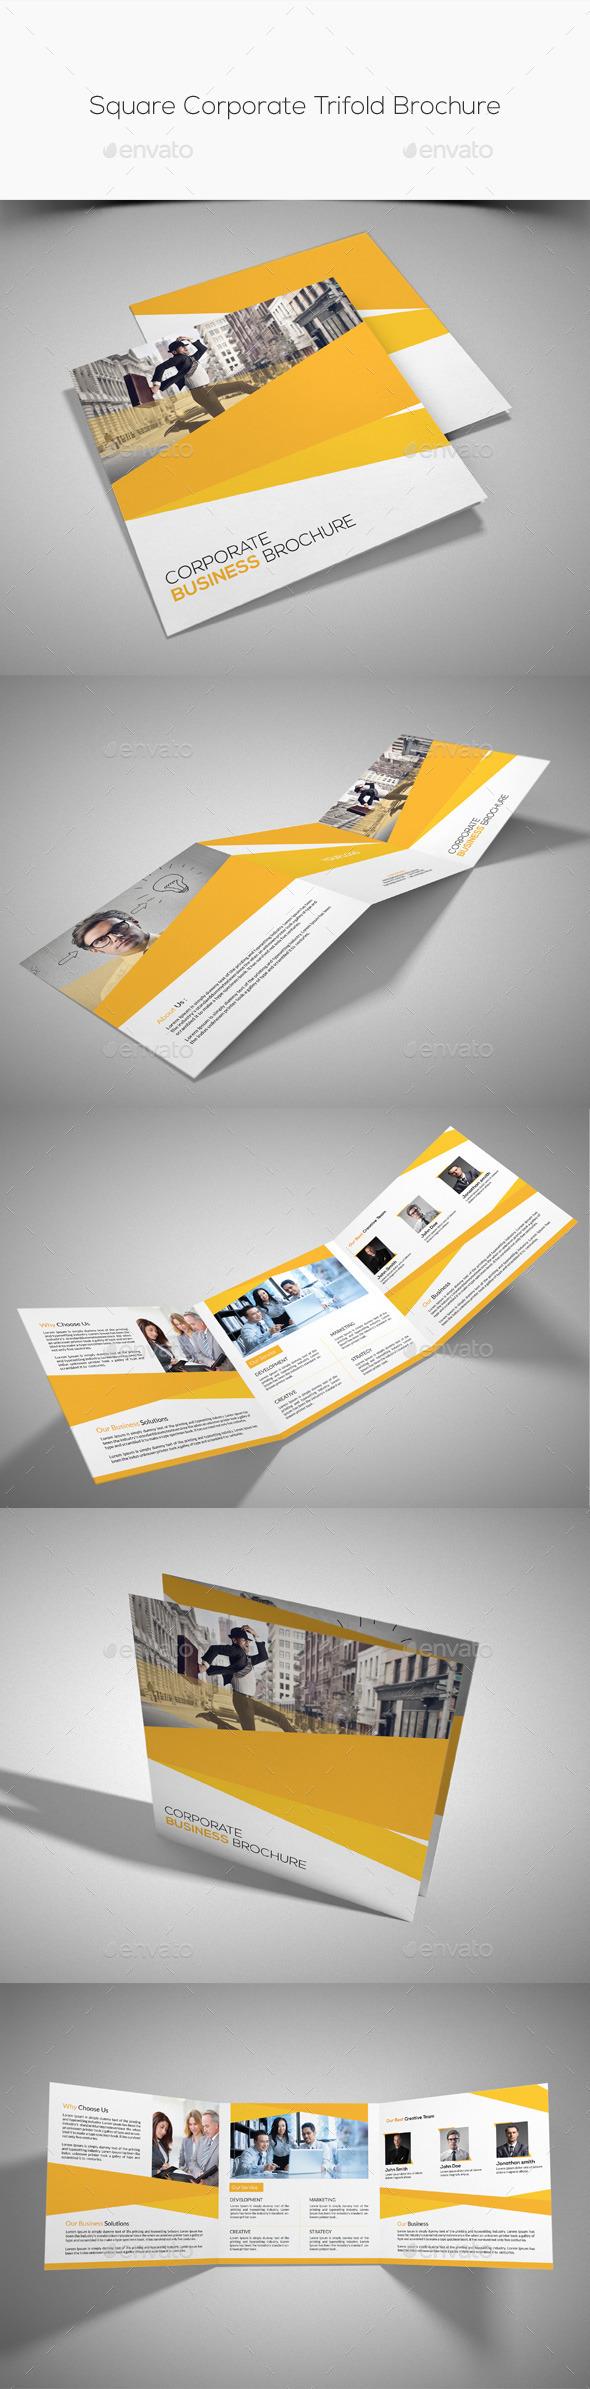 GraphicRiver Square Corporate Trifold Brochure 10285244